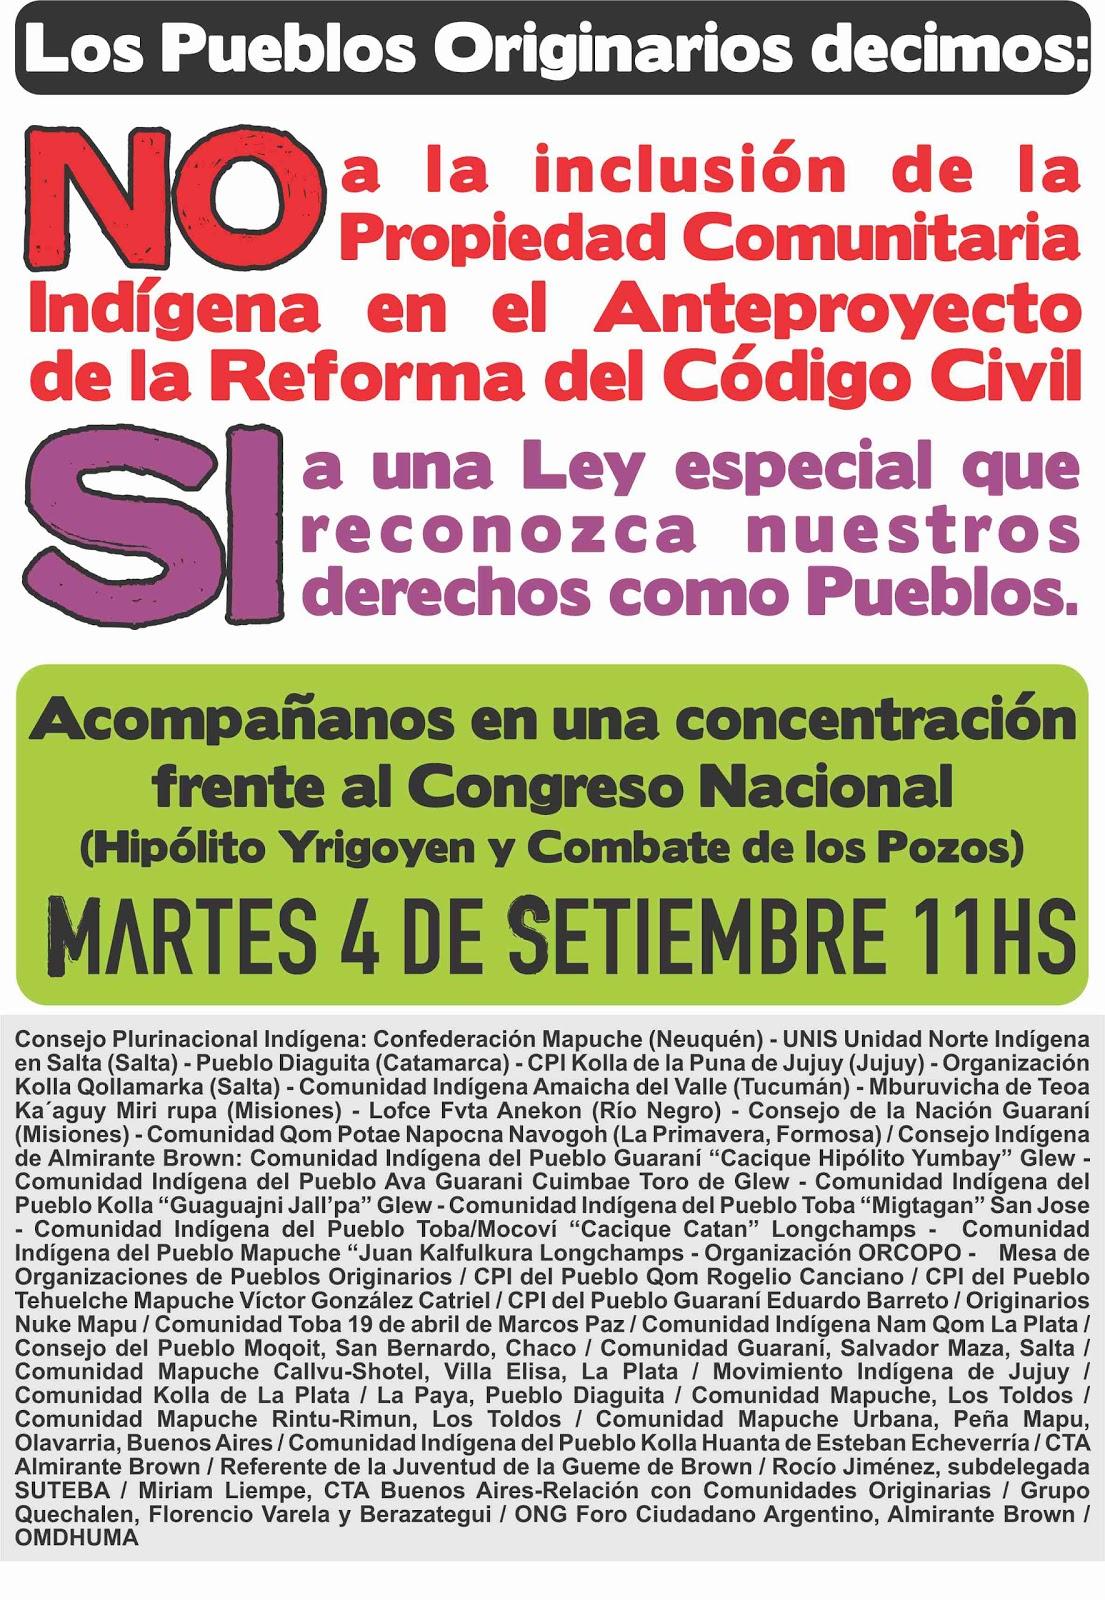 Pueblos originarios de Argentina Derechos: